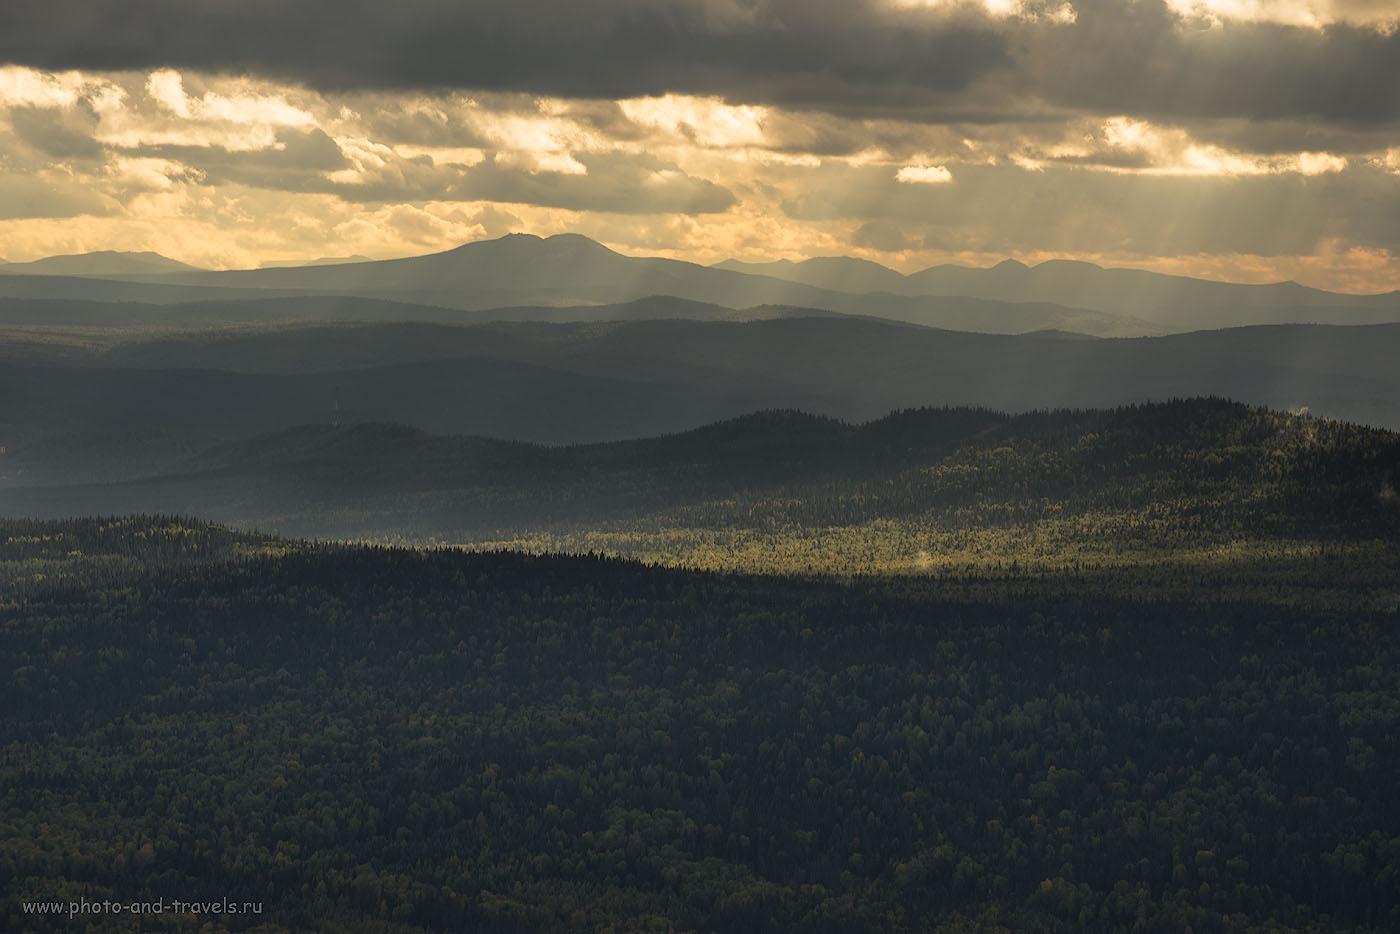 Фото 10. О капризах погоды в горах. Отзыв об экскурсии в «Таганай». Камера Nikon D610, объектив Nikon 70-300mm f/4.5-5.6, настройки: 1/320, -0.67, 7.1, 180, 155.